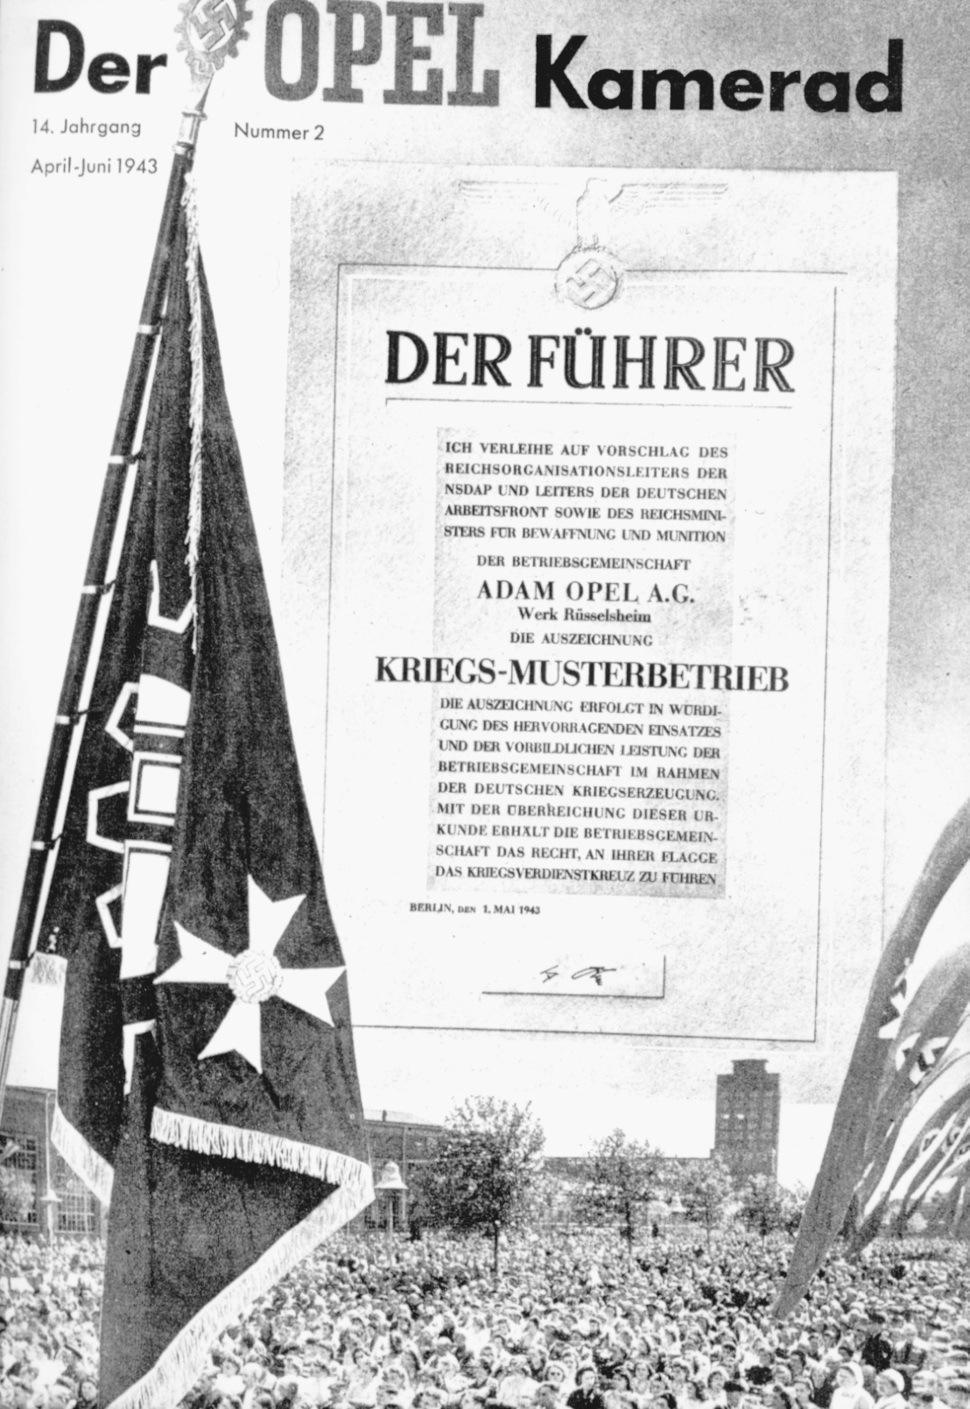 미국 기업인 제너럴모터스의 독일 자회사인 오펠은 나치 독일을 위해 항공기와 트럭을 대량생산했고, 히틀러는 1943년 오펠에 '모범적인 기업' 칭호를 부여했다. 오펠 사보의 표지에 그 내용이 실려있는 모습. 출처 뤼셀스하임 시립기록보관소. 오월의봄 제공